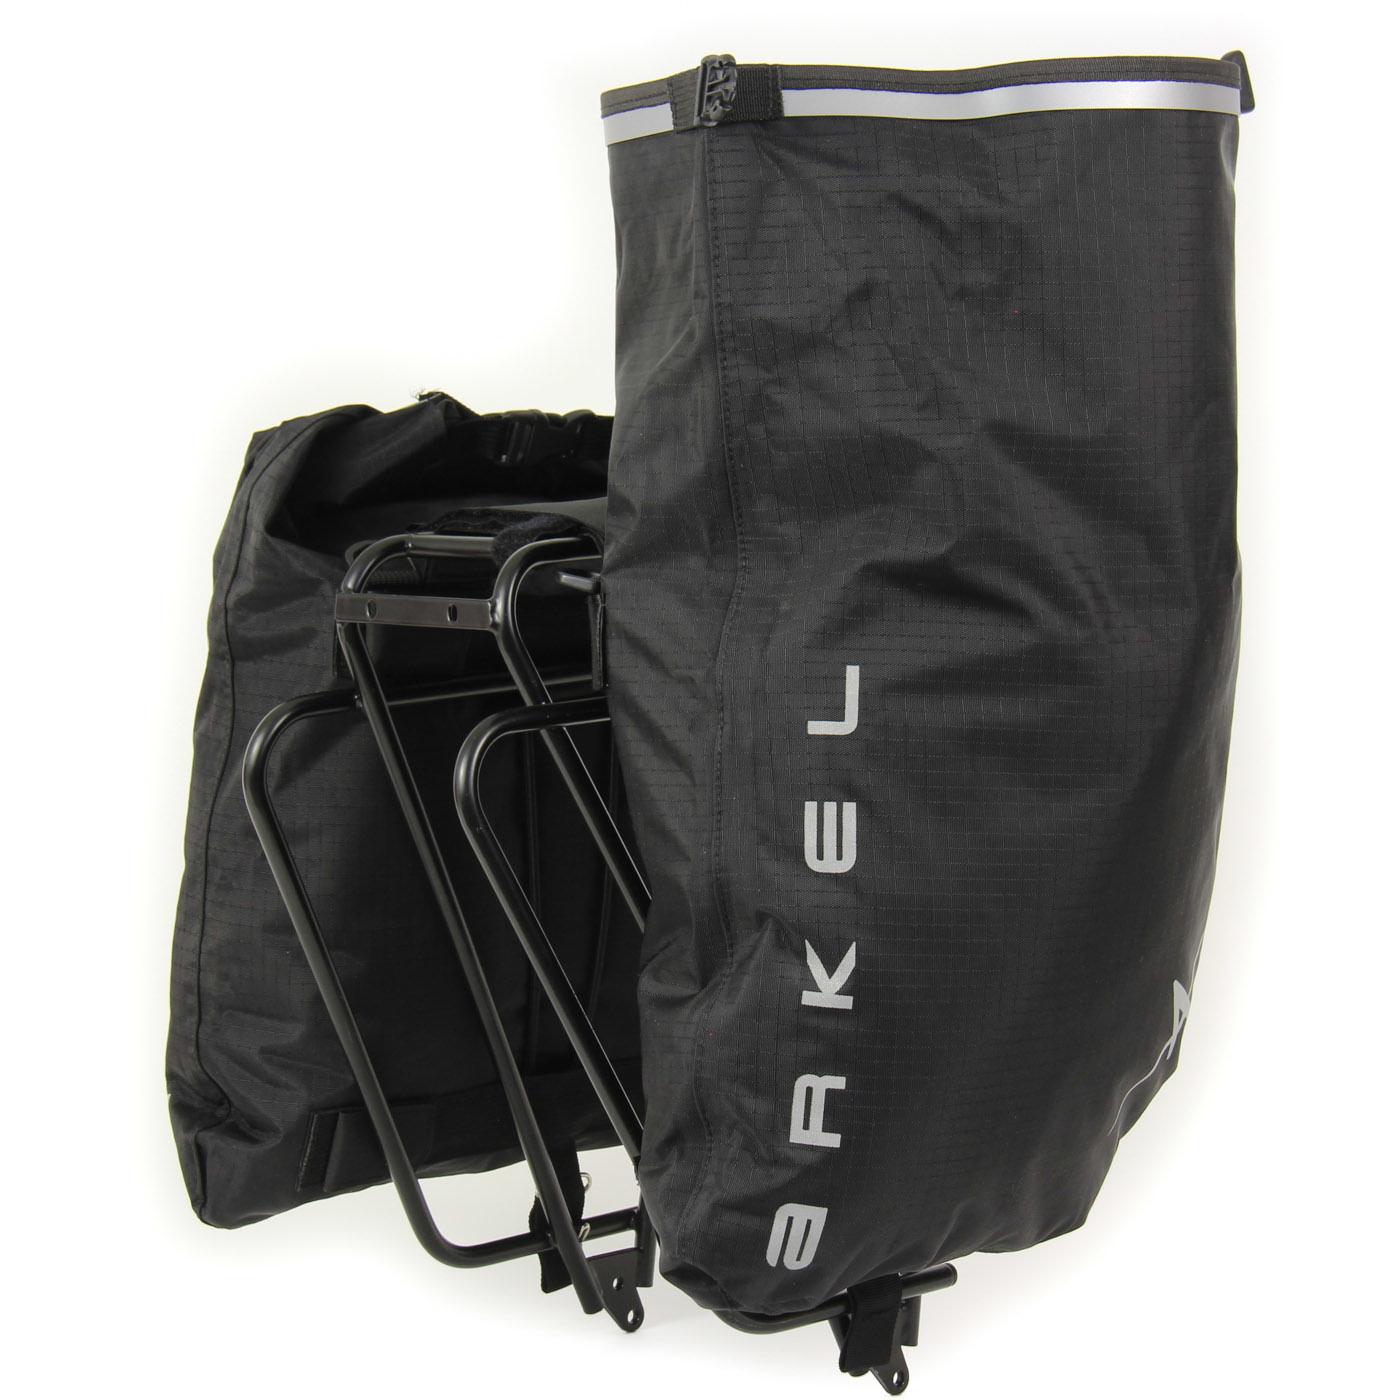 Arkel Arkel Dry-Lites Waterproof Saddle Bags (Pair)